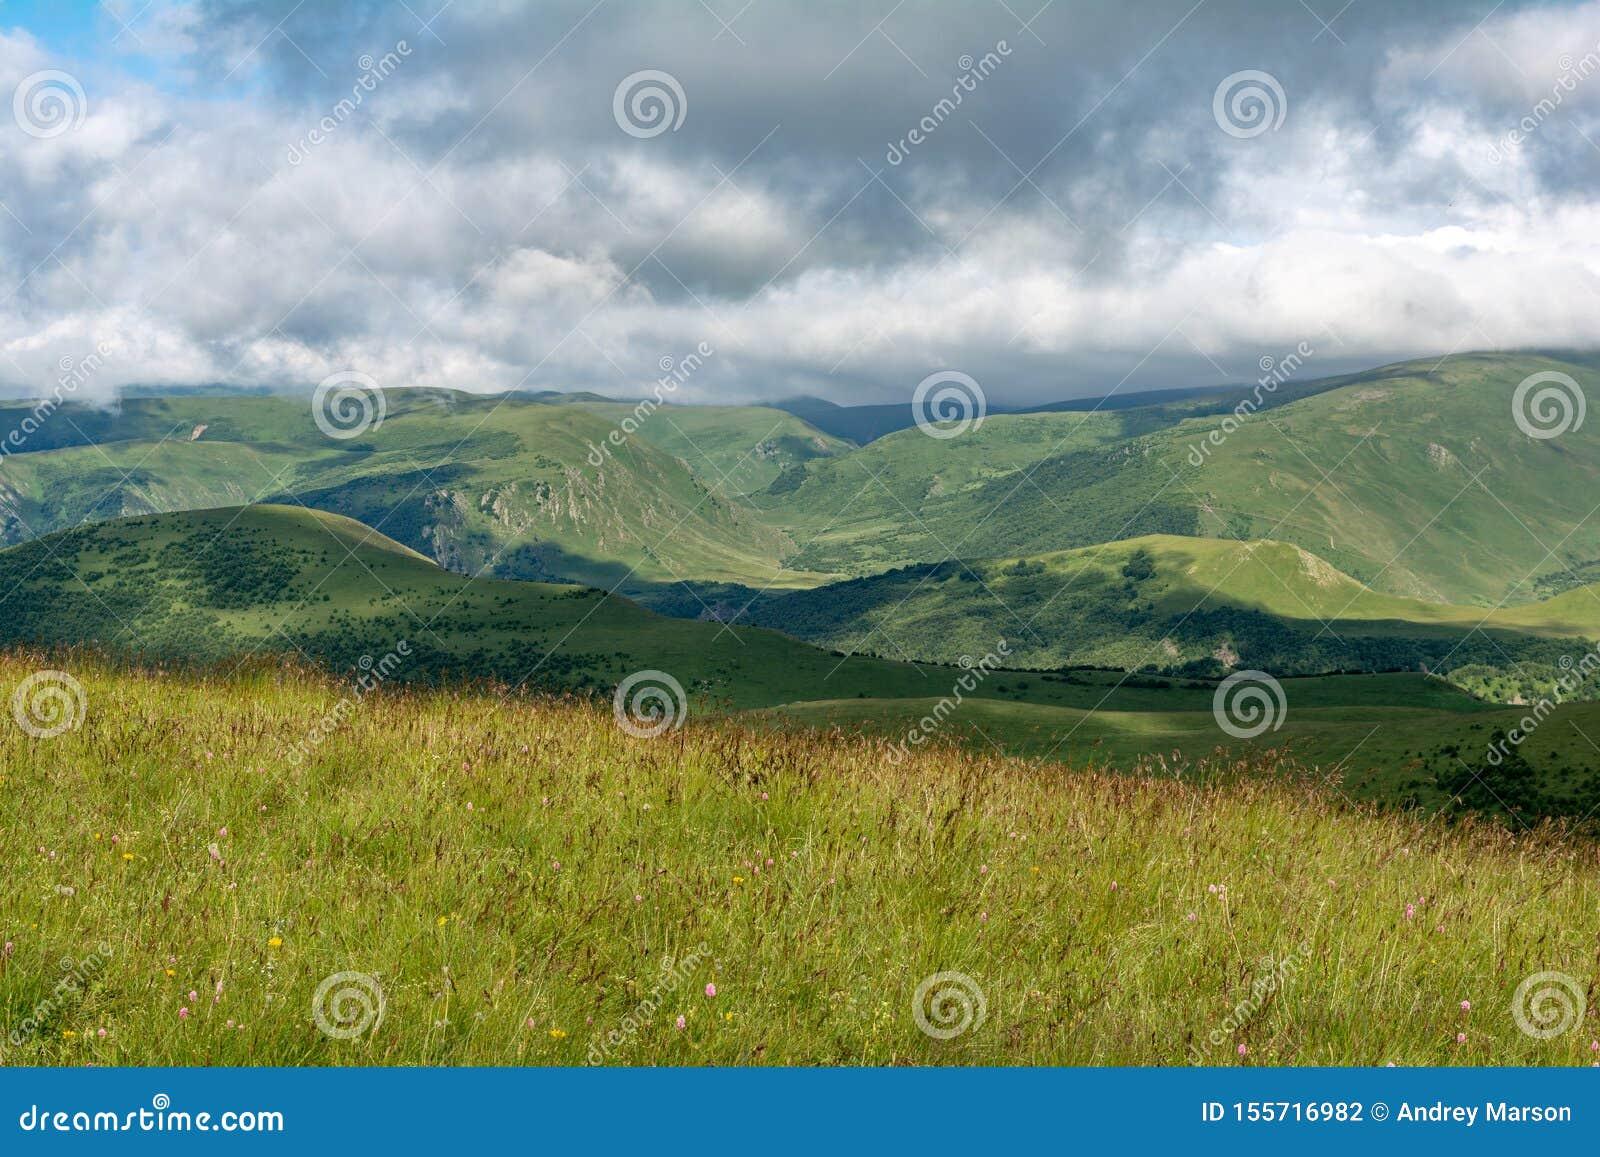 Piękny widok idylliczna wysokogórska halna sceneria z kwitnącymi łąkami i górami na pięknym słonecznym dniu z niebieskim niebem i